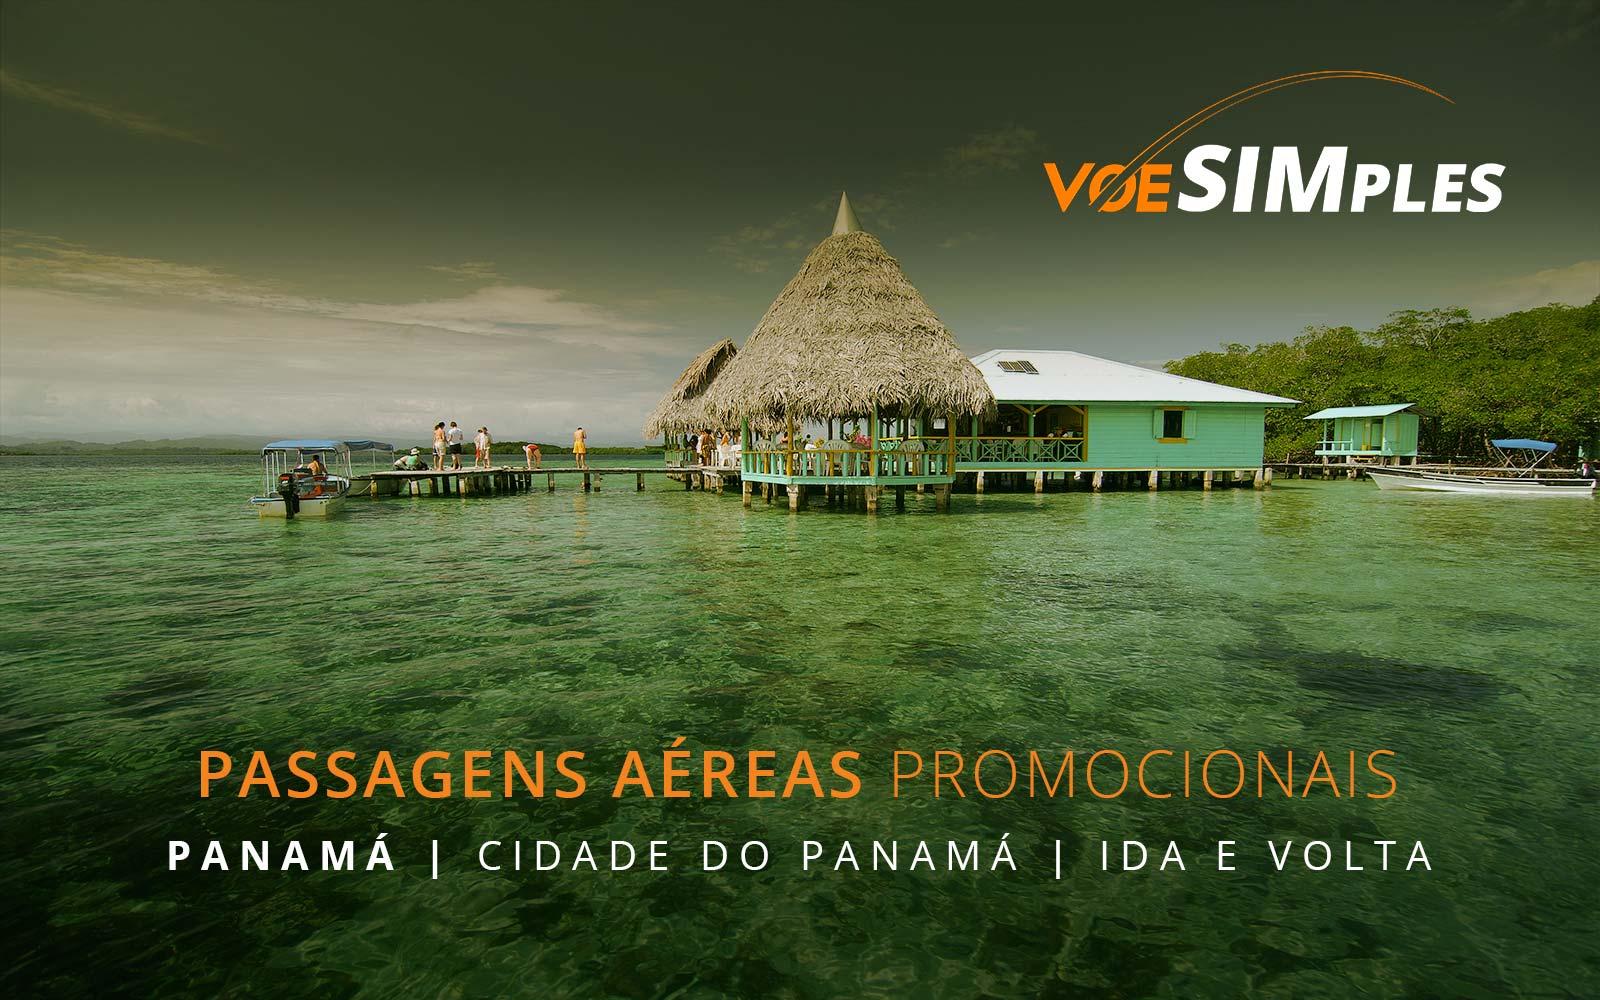 Promoção de passagens aéreas para a Cidade do Panamá no Panamá